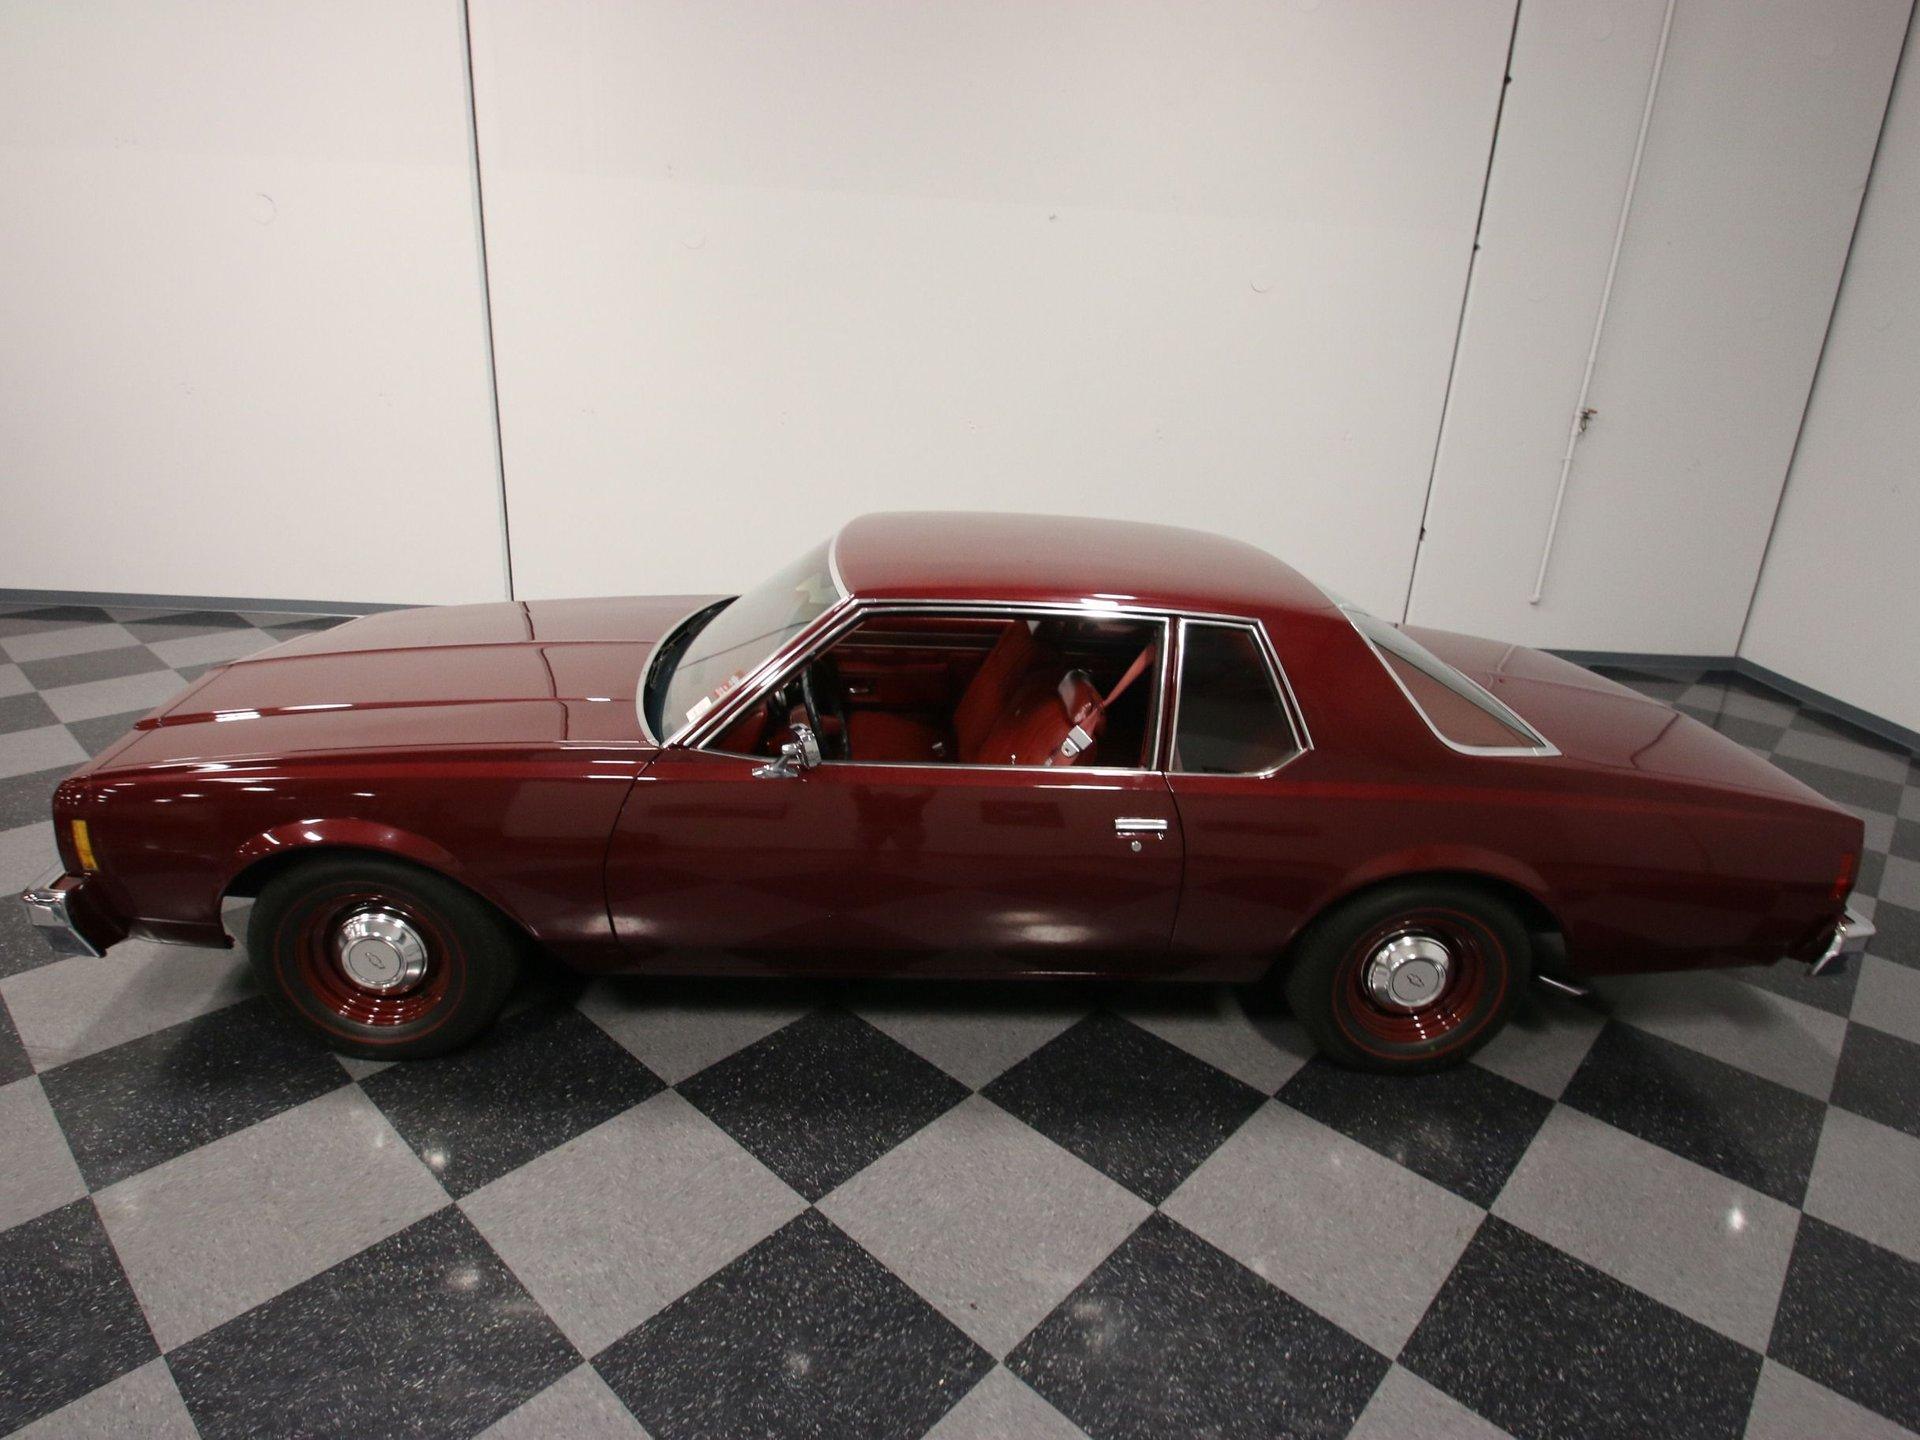 1978 Chevrolet Impala Streetside Classics The Nation S